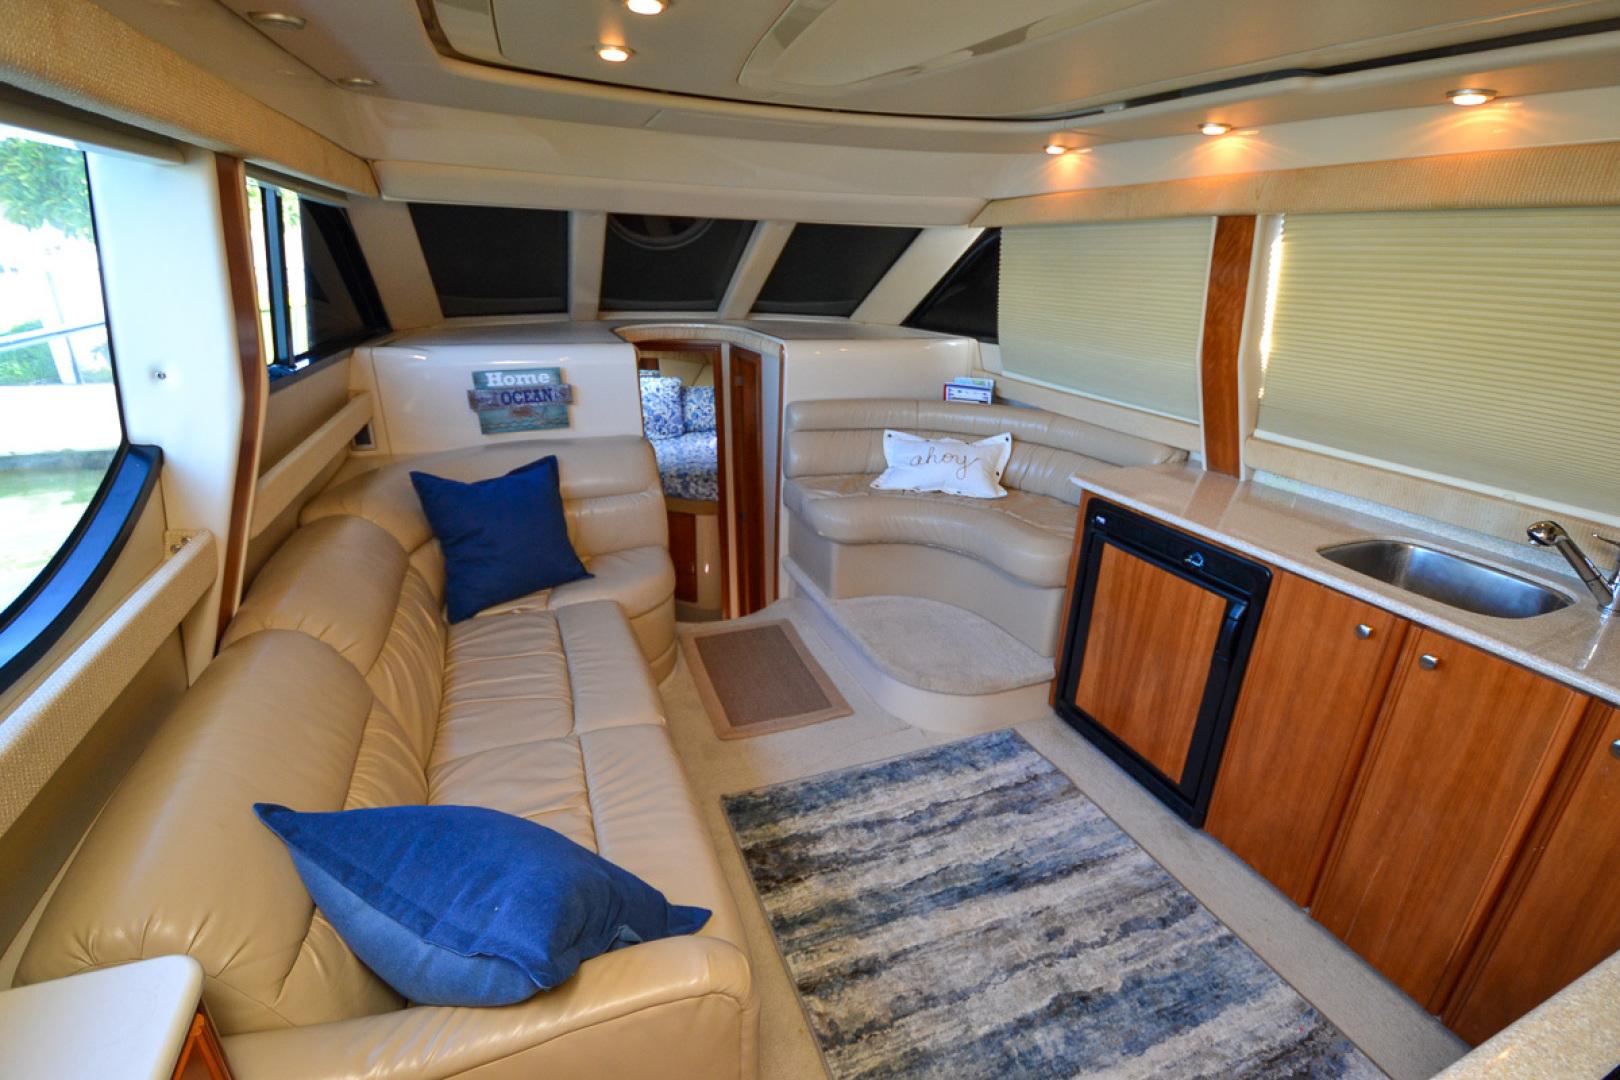 Meridian-341 Sedan 2004-Sea Harmony Belleair Beach-Florida-United States-1496643 | Thumbnail